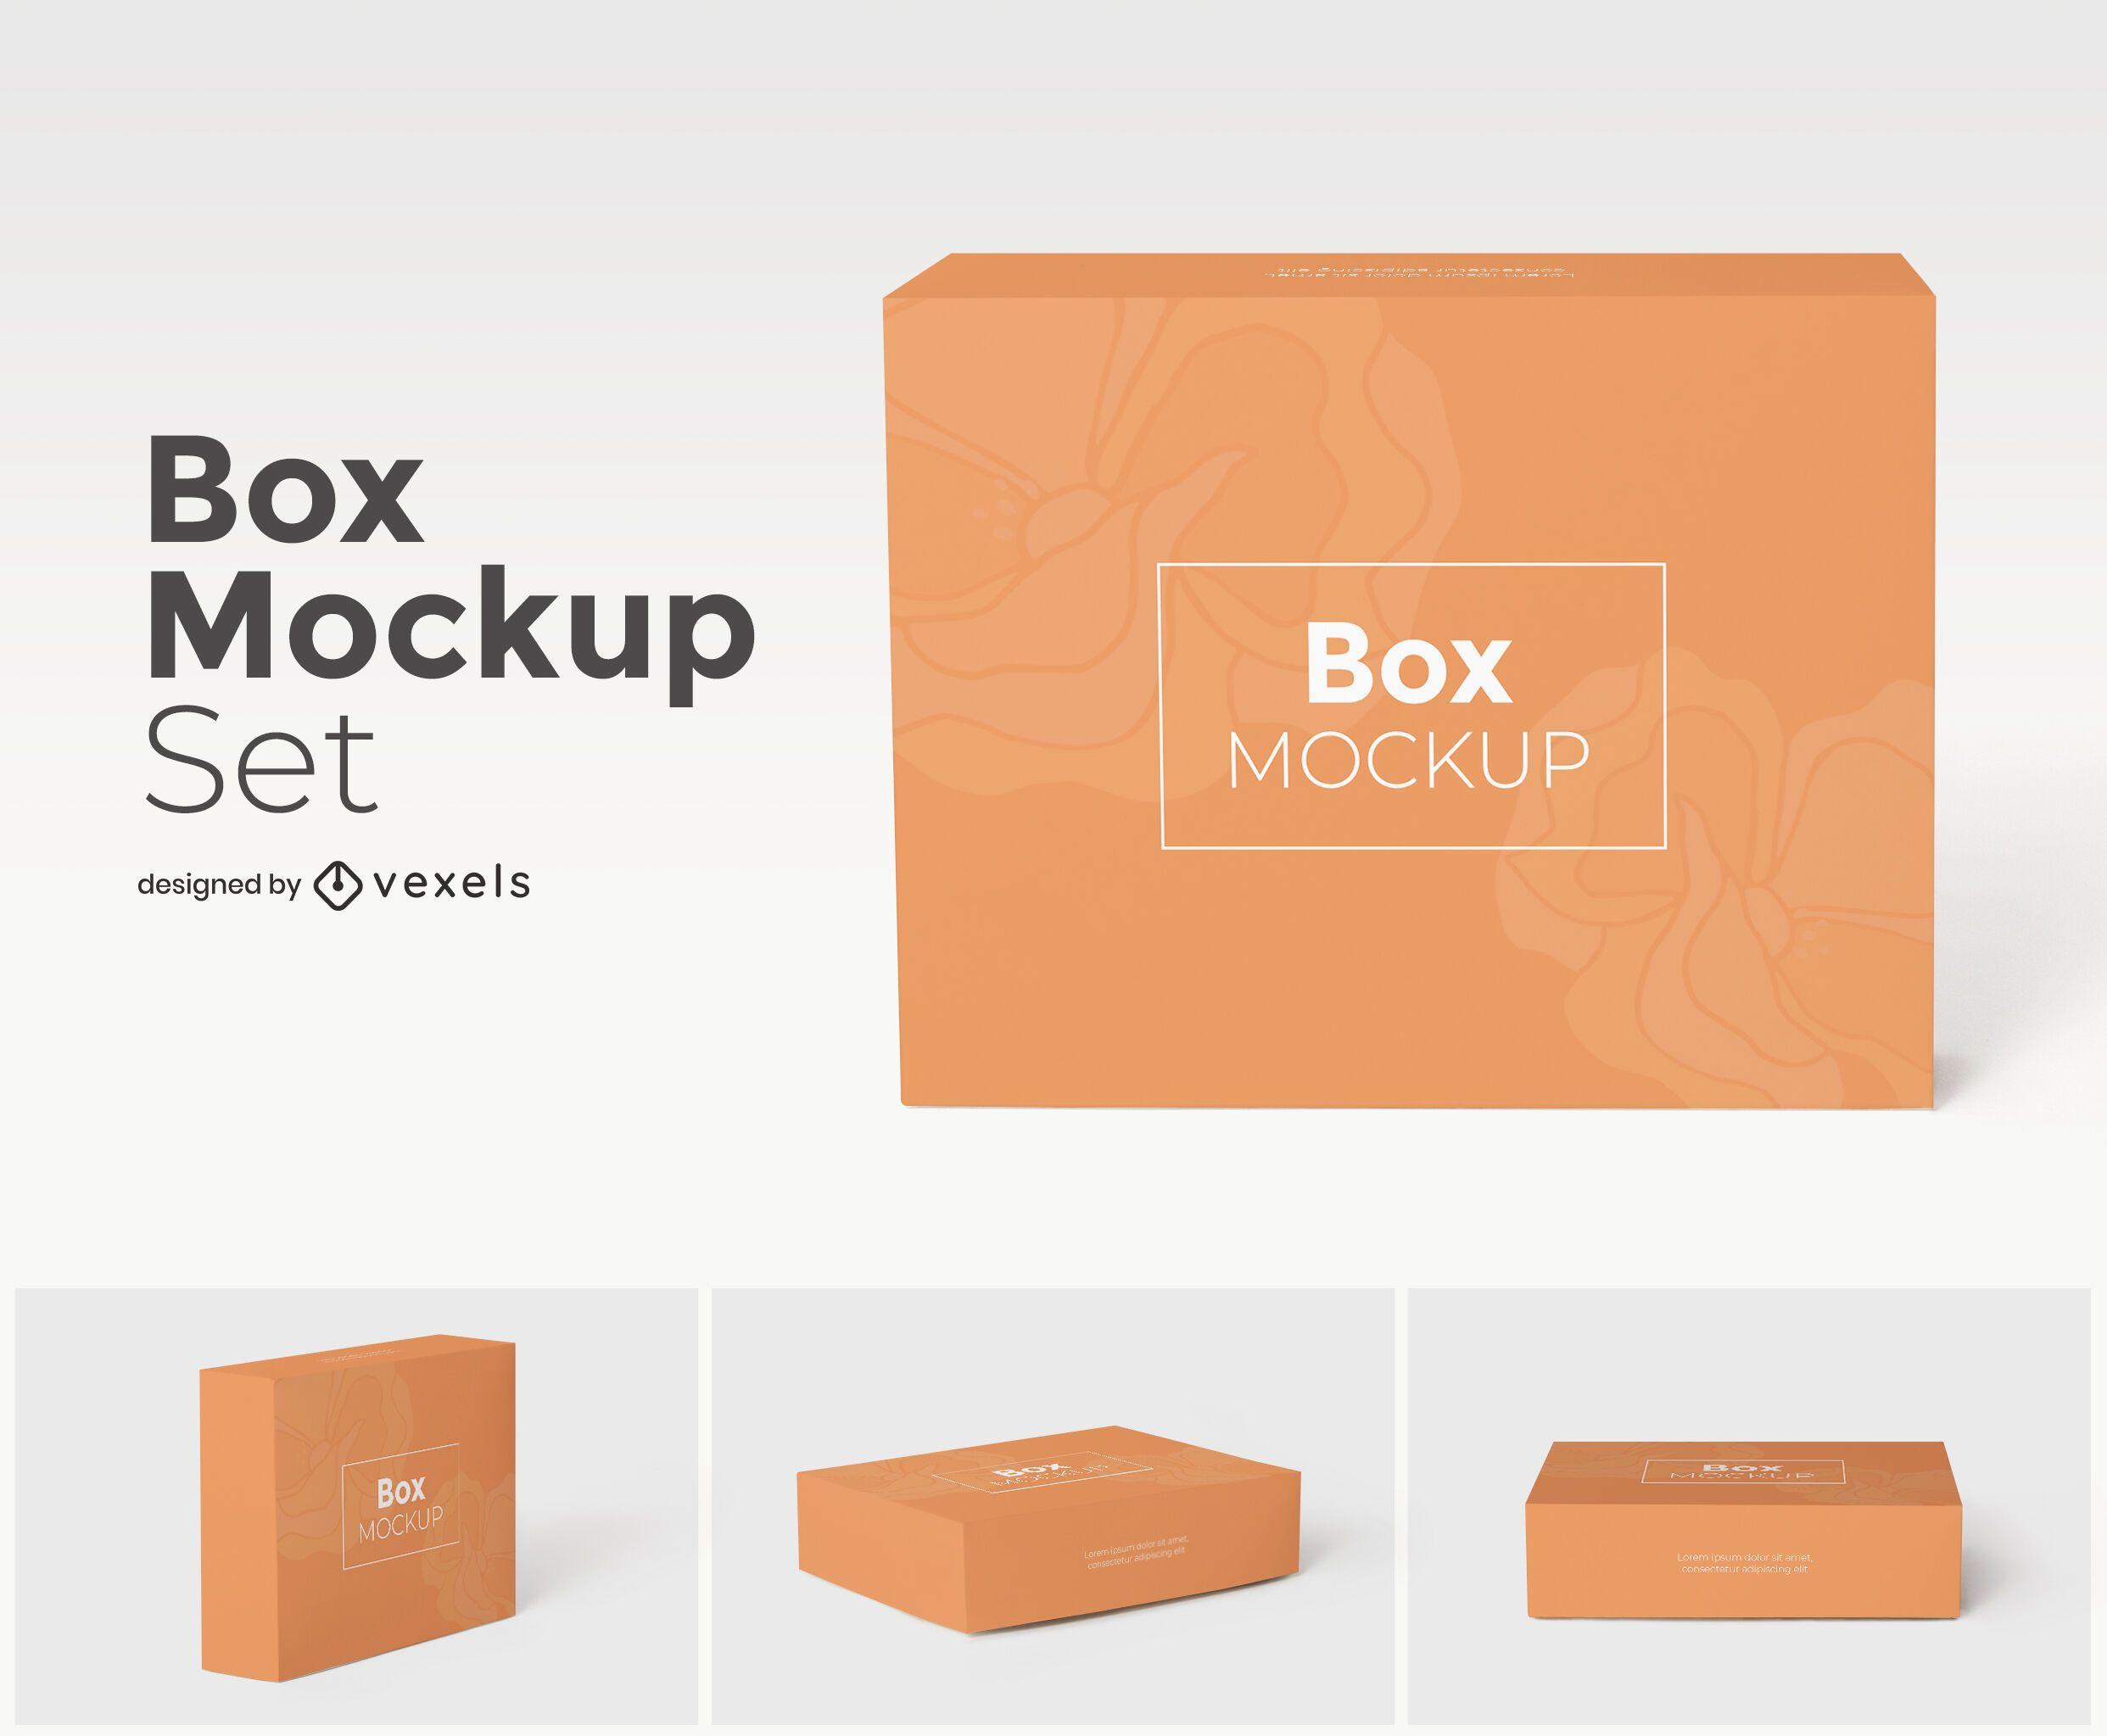 Box mockup set design